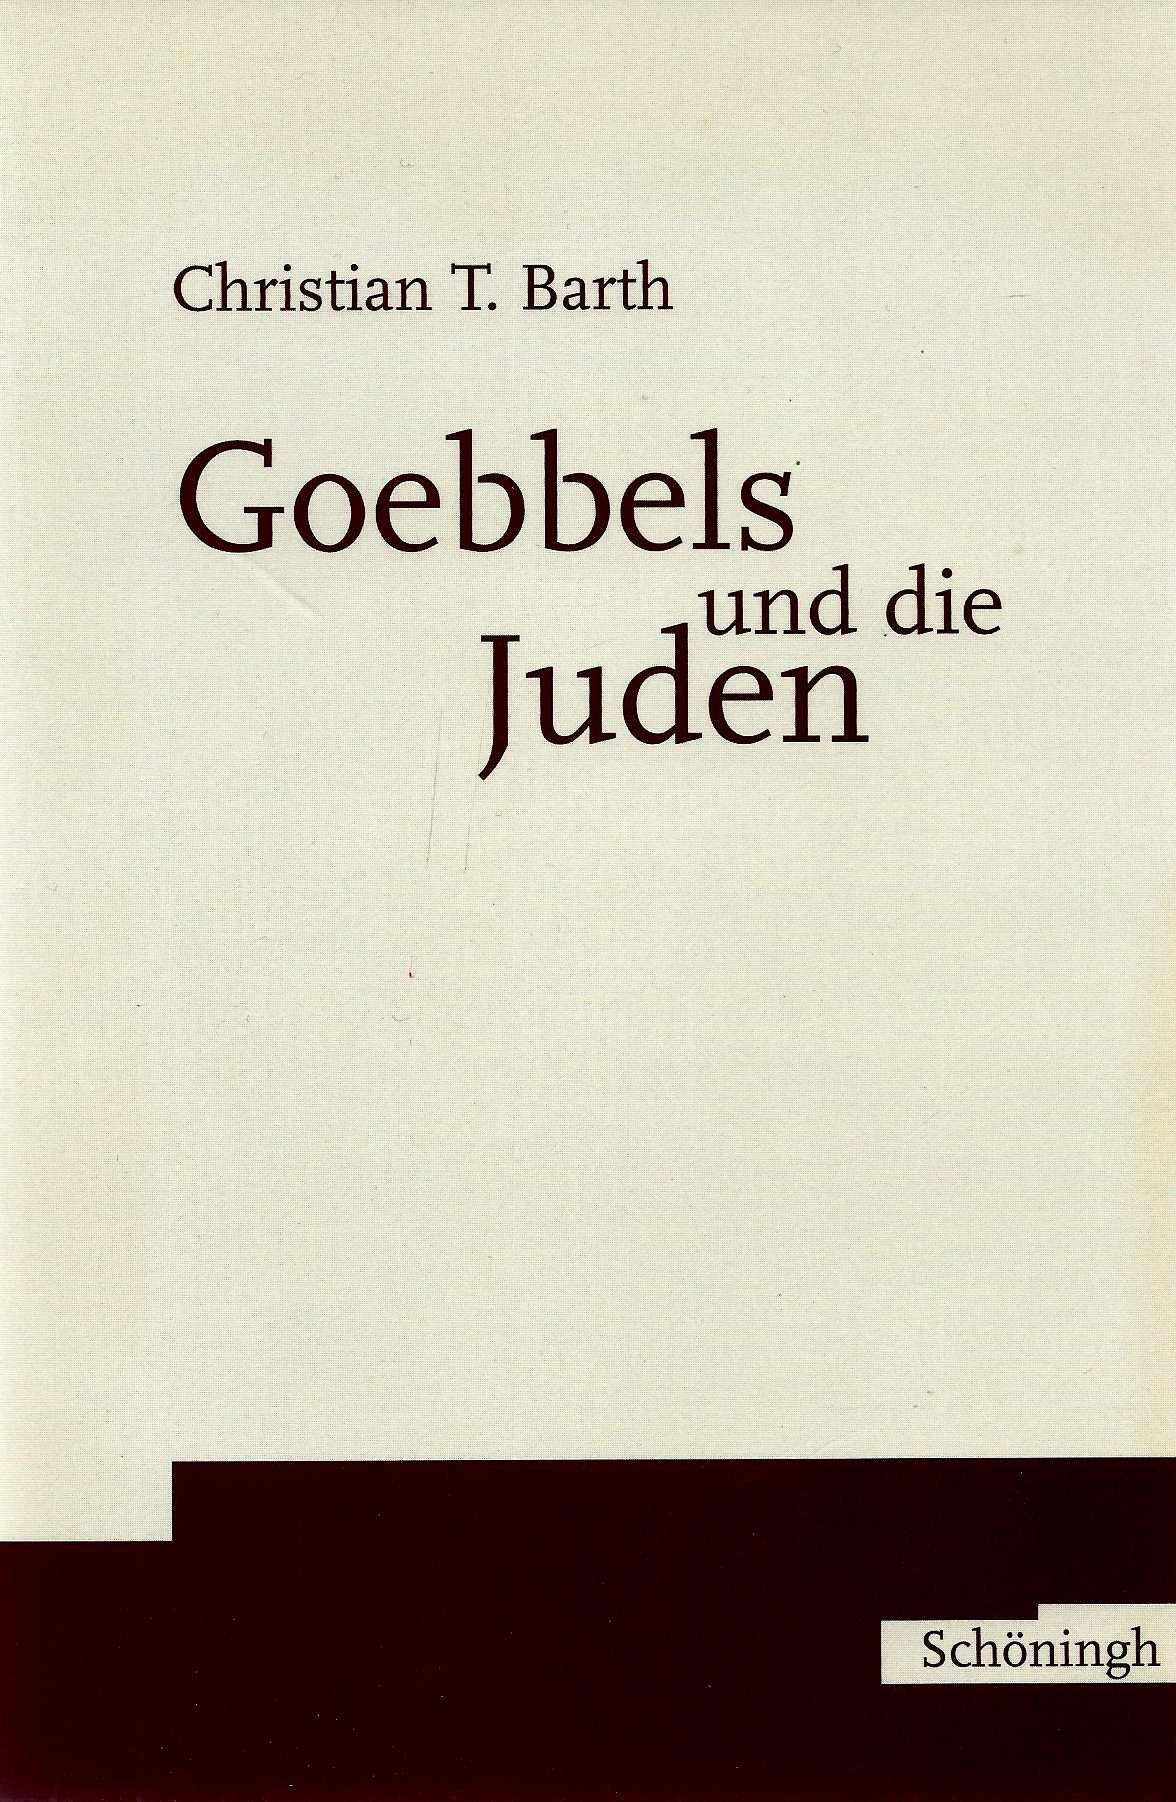 Goebbels und die Juden.